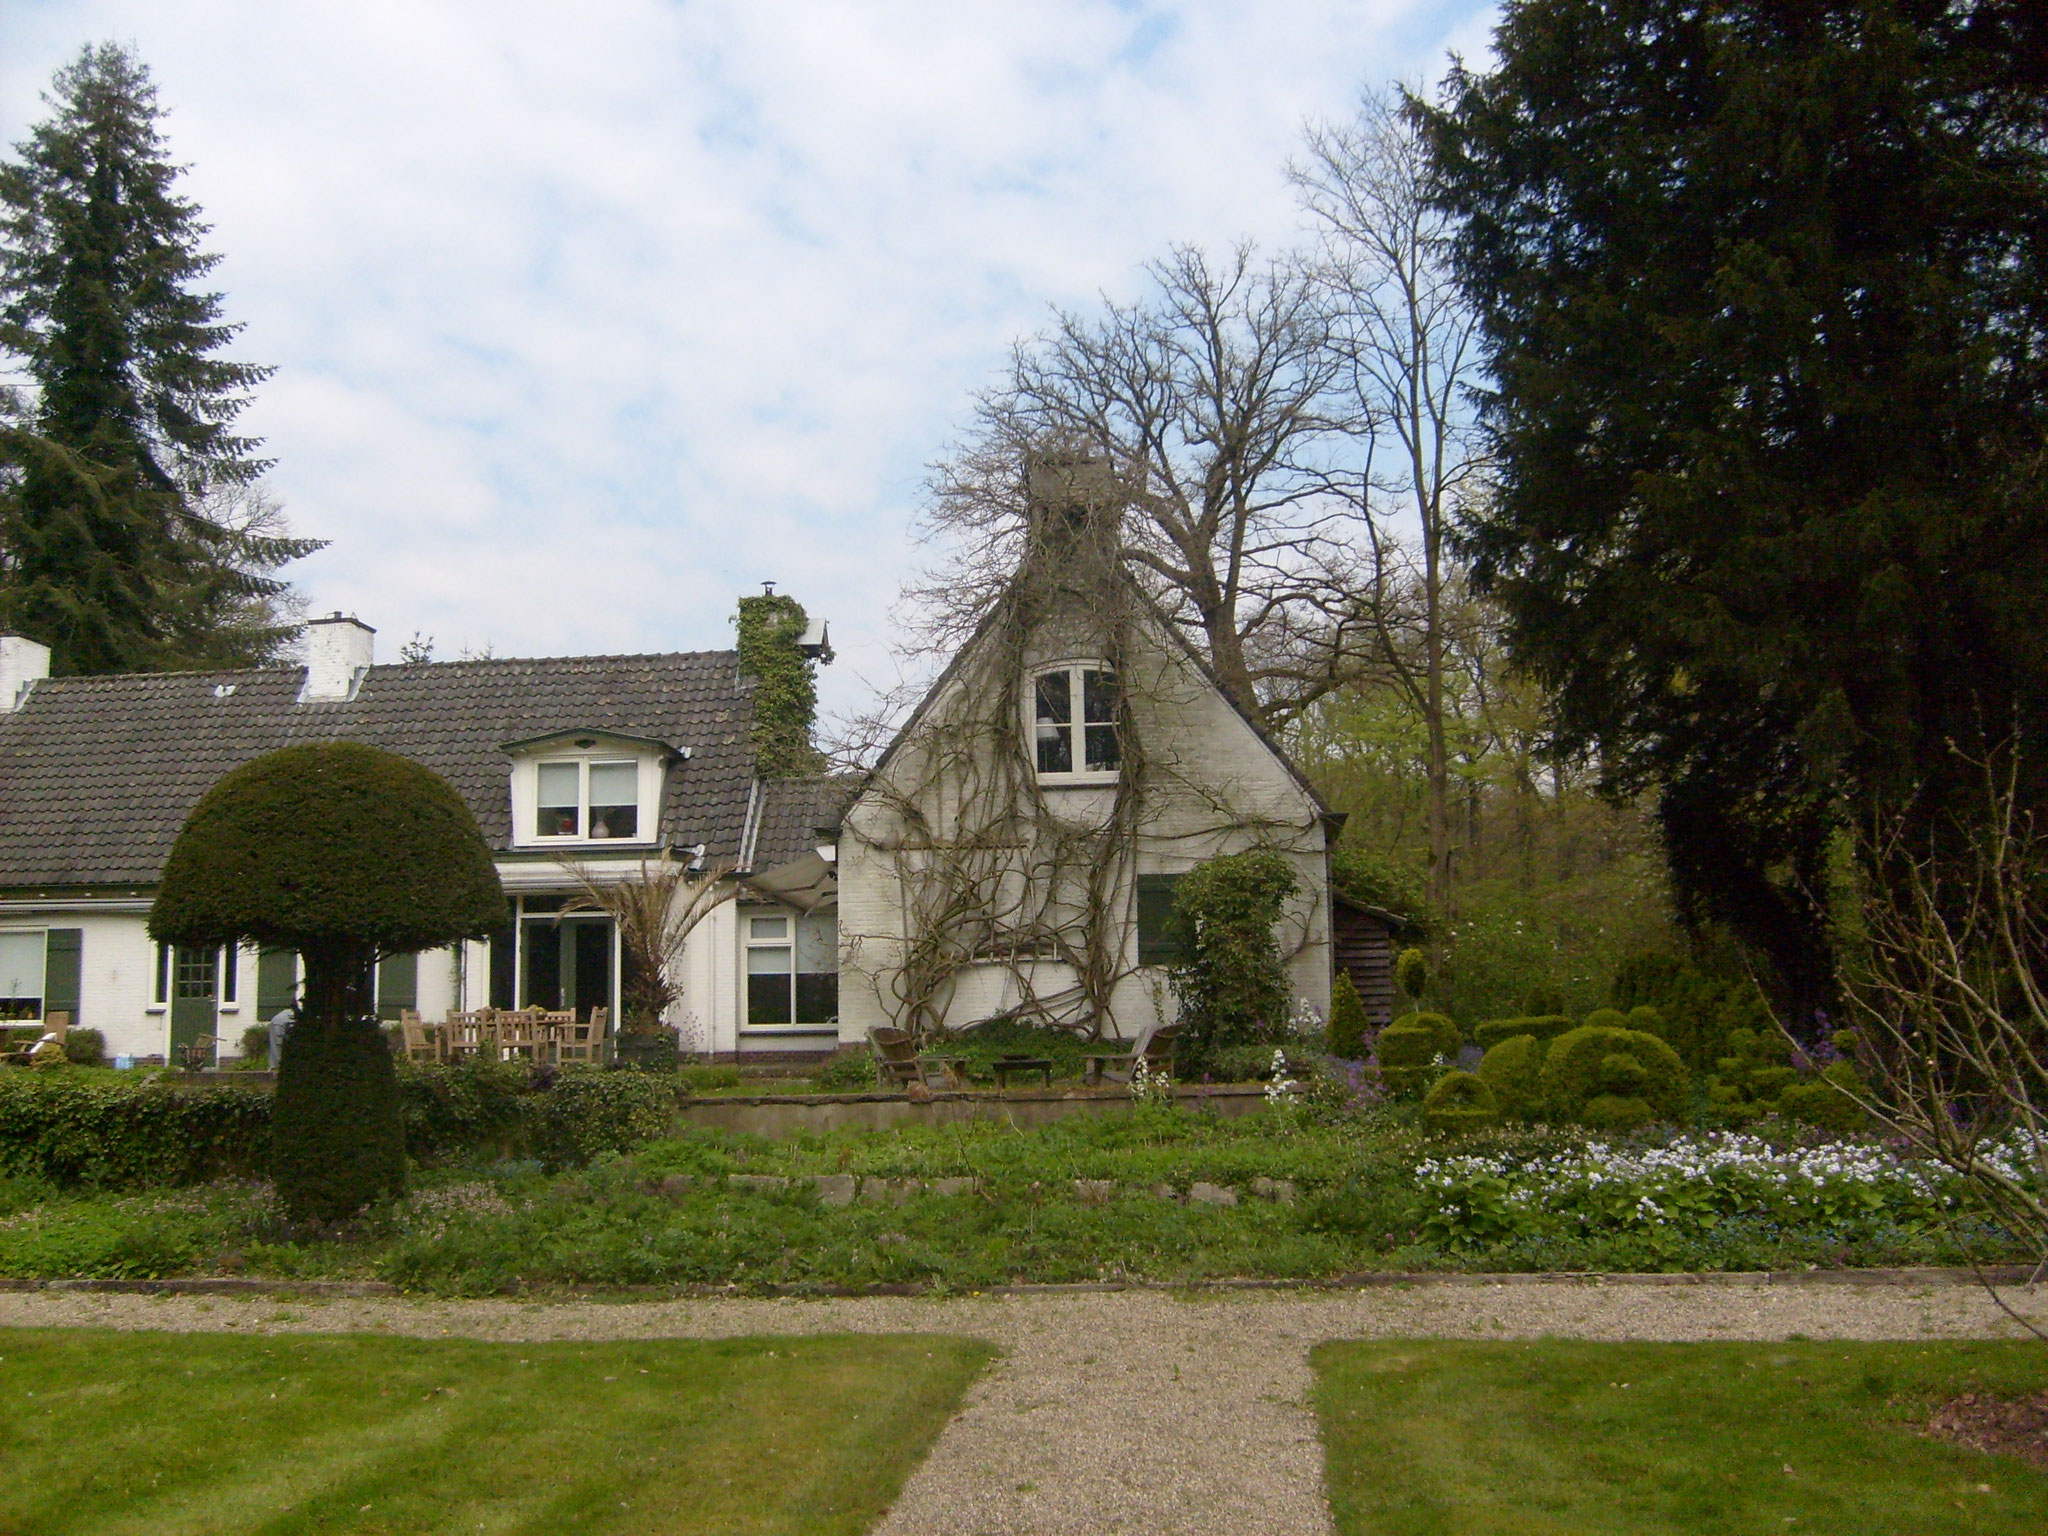 Het huidige pand, gebouwd op het plateau van het oorspronkelijke huis.